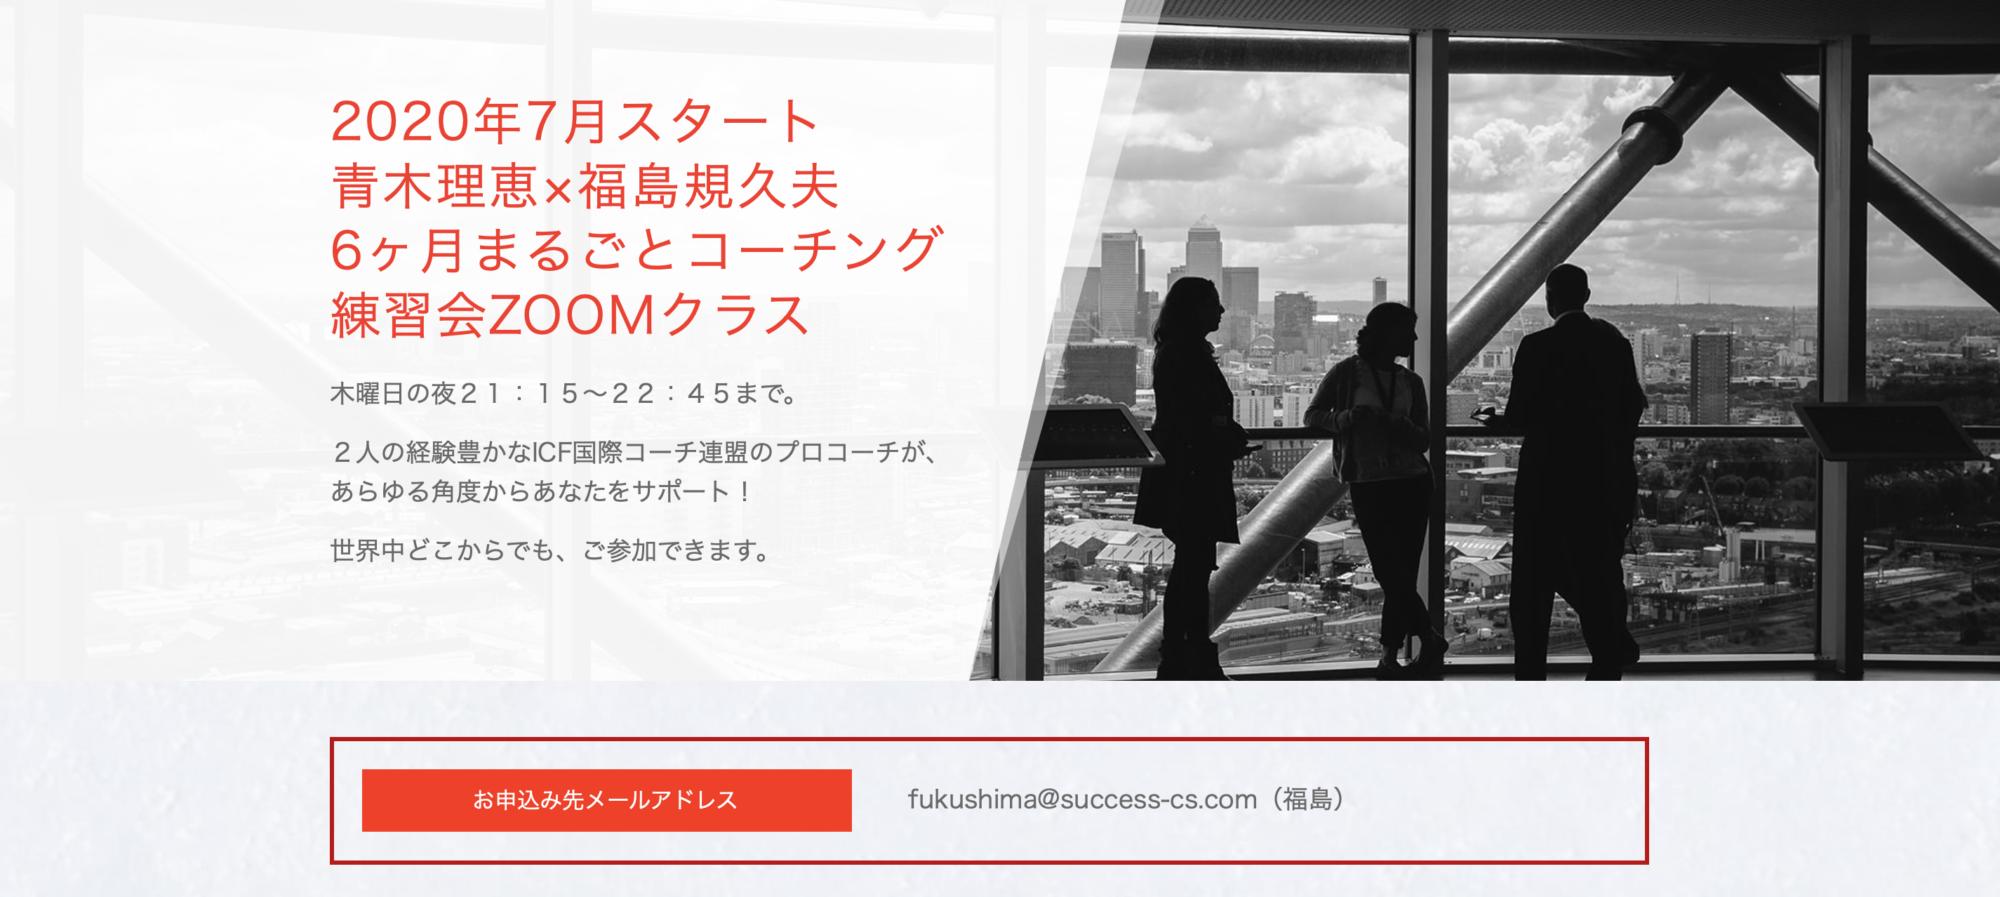 2020年7月スタート 青木理恵×福島規久夫  6ヶ月まるごとコーチング練習会ZOOMクラス、募集スタート!